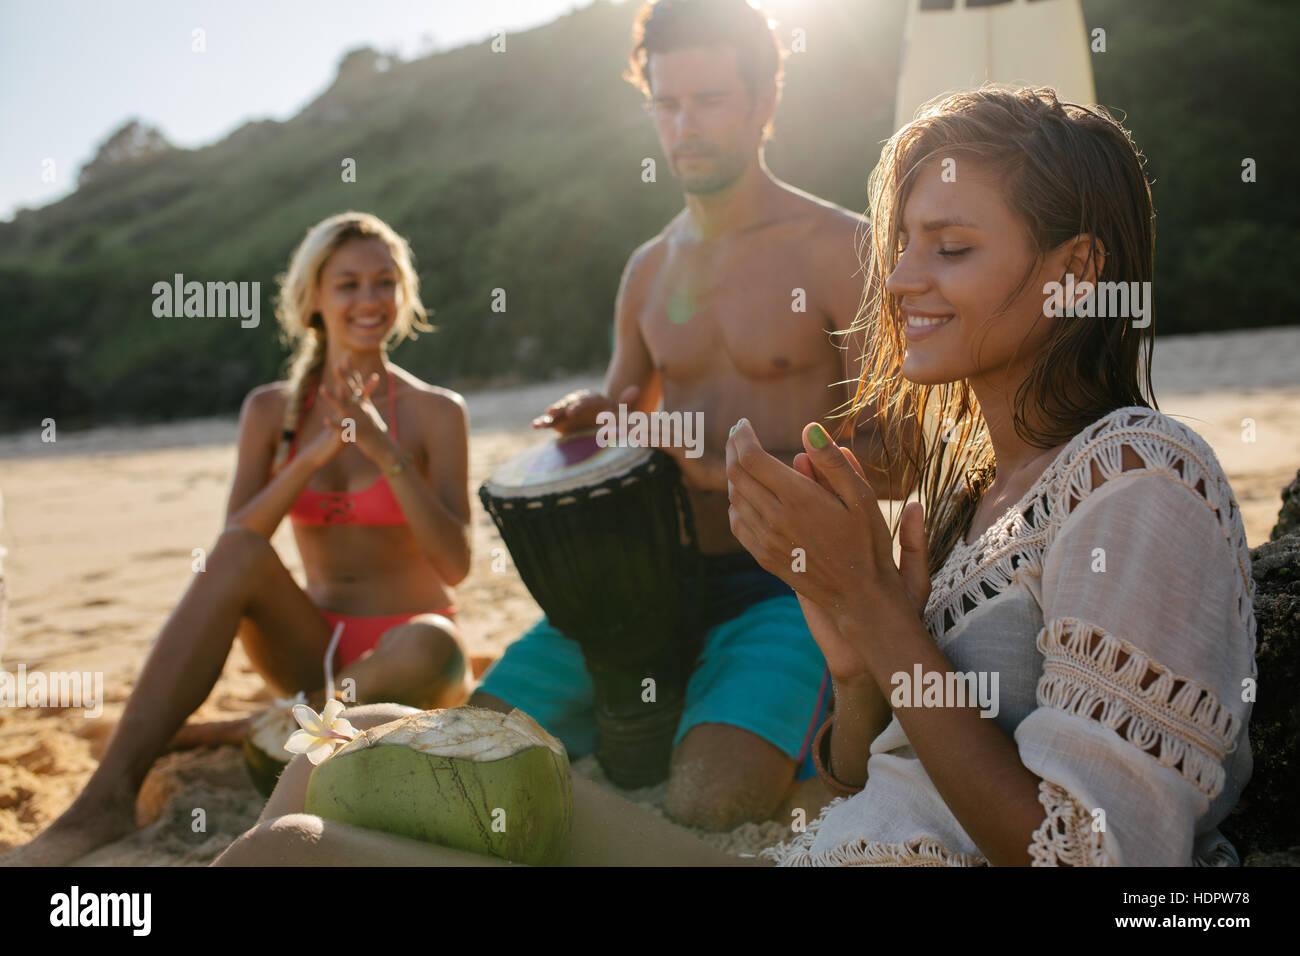 Mujer joven disfrutando de las vacaciones con sus amigos en la playa. La mujer y el hombre jugando dumbek palmas. Imagen De Stock